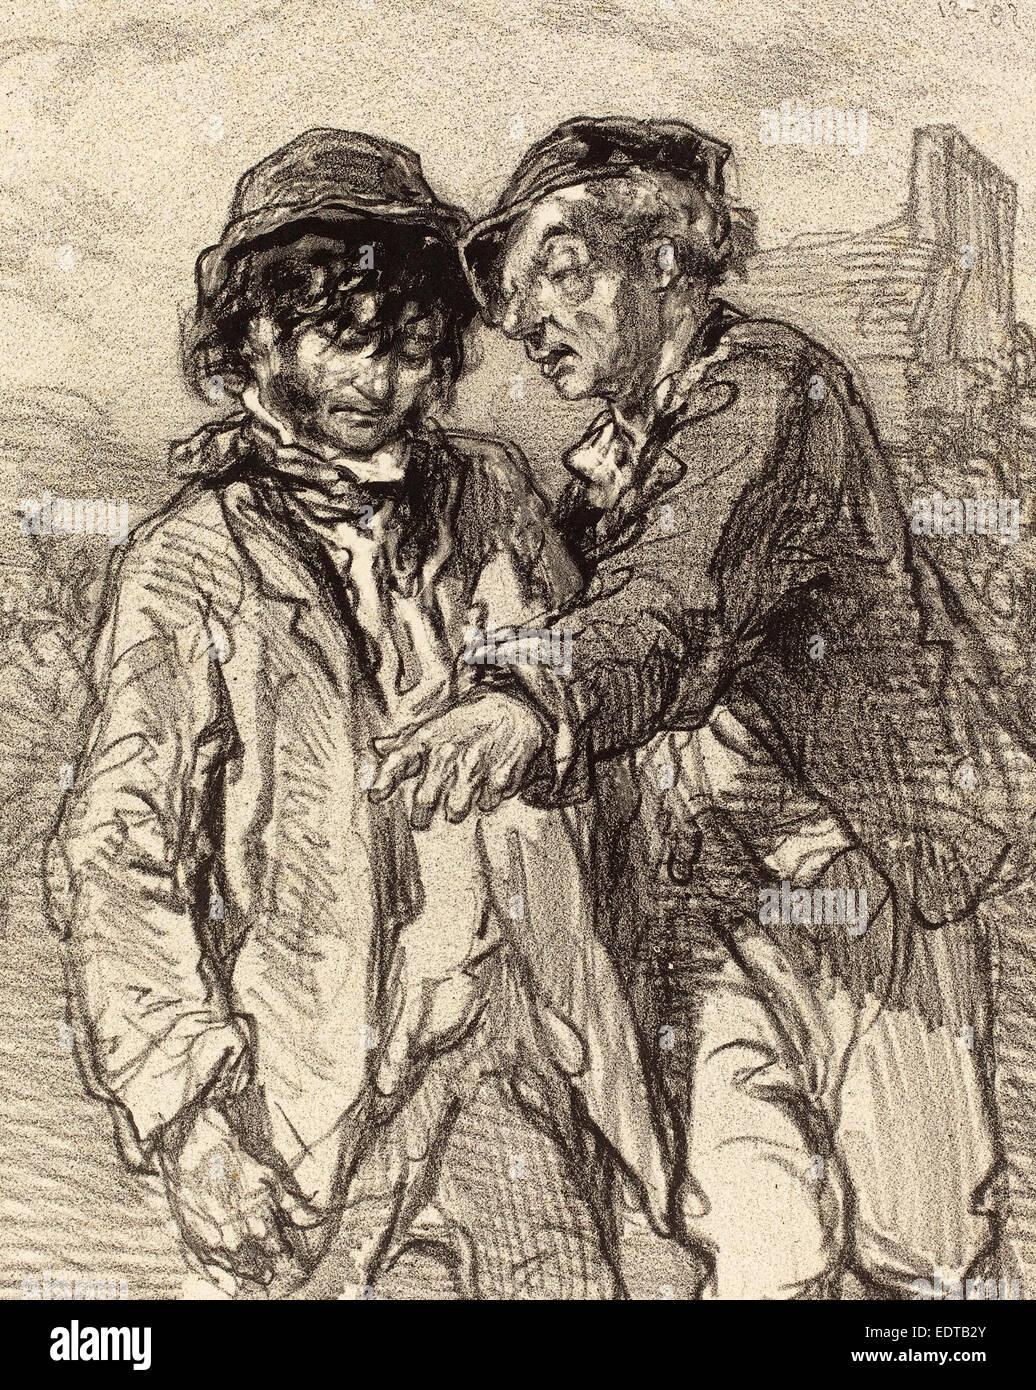 Paul Gavarni (French, 1804 - 1866), Histoire d'en dire deux, lithograph Stock Photo